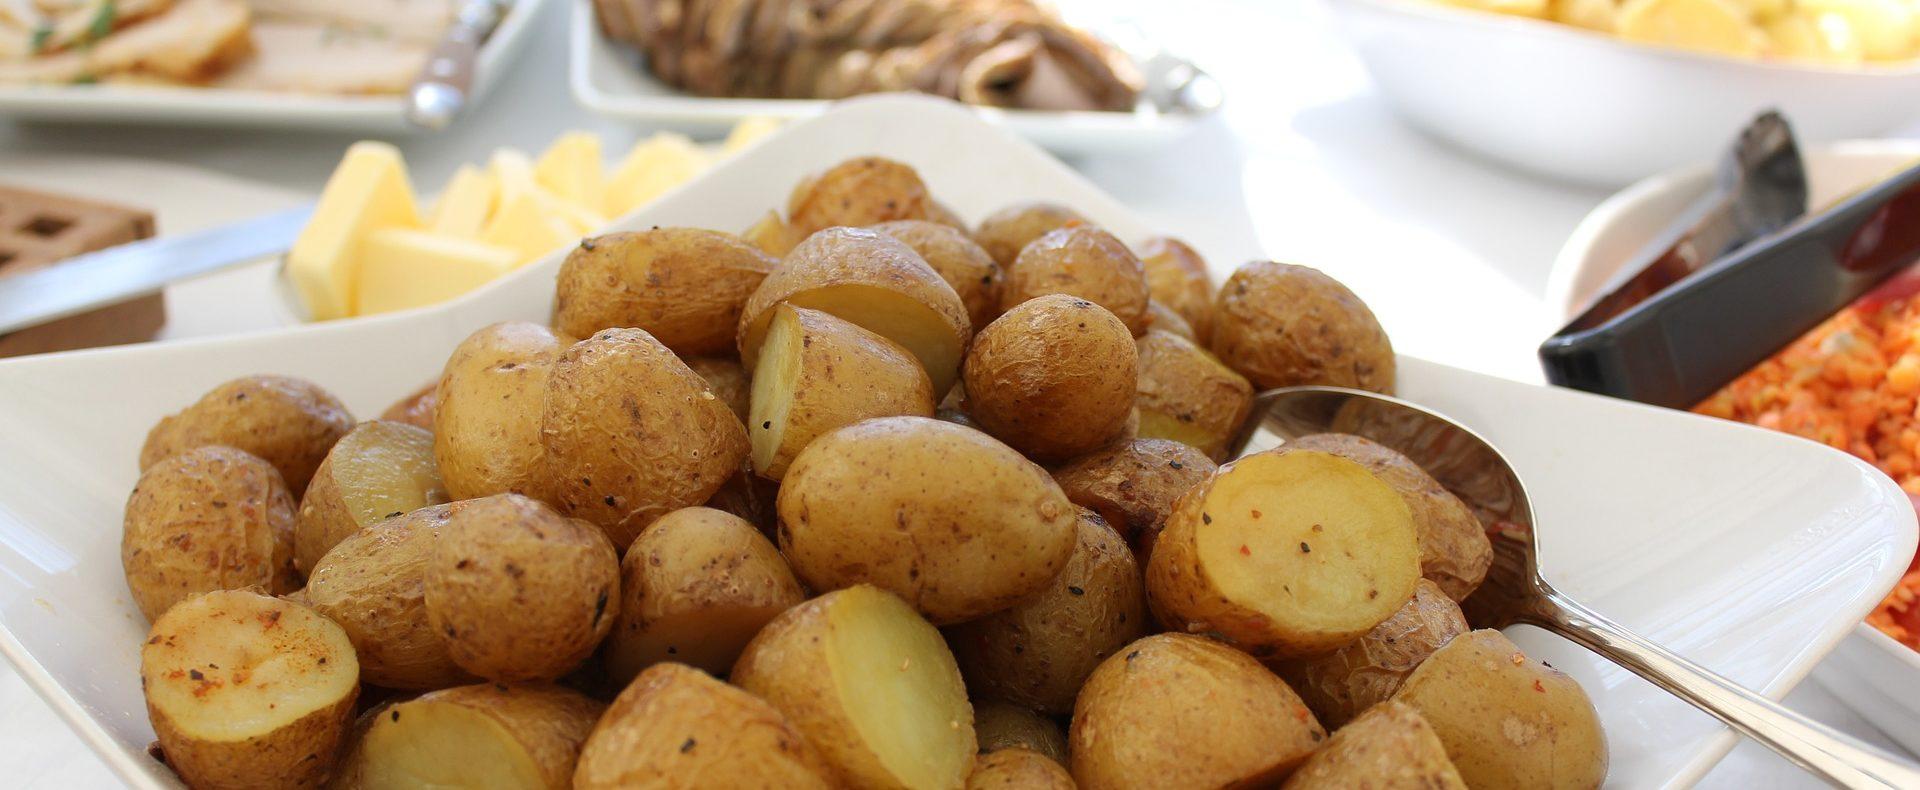 Catering / Partyservice - Warme Speisen: Buffet mit Ofenkartoffeln